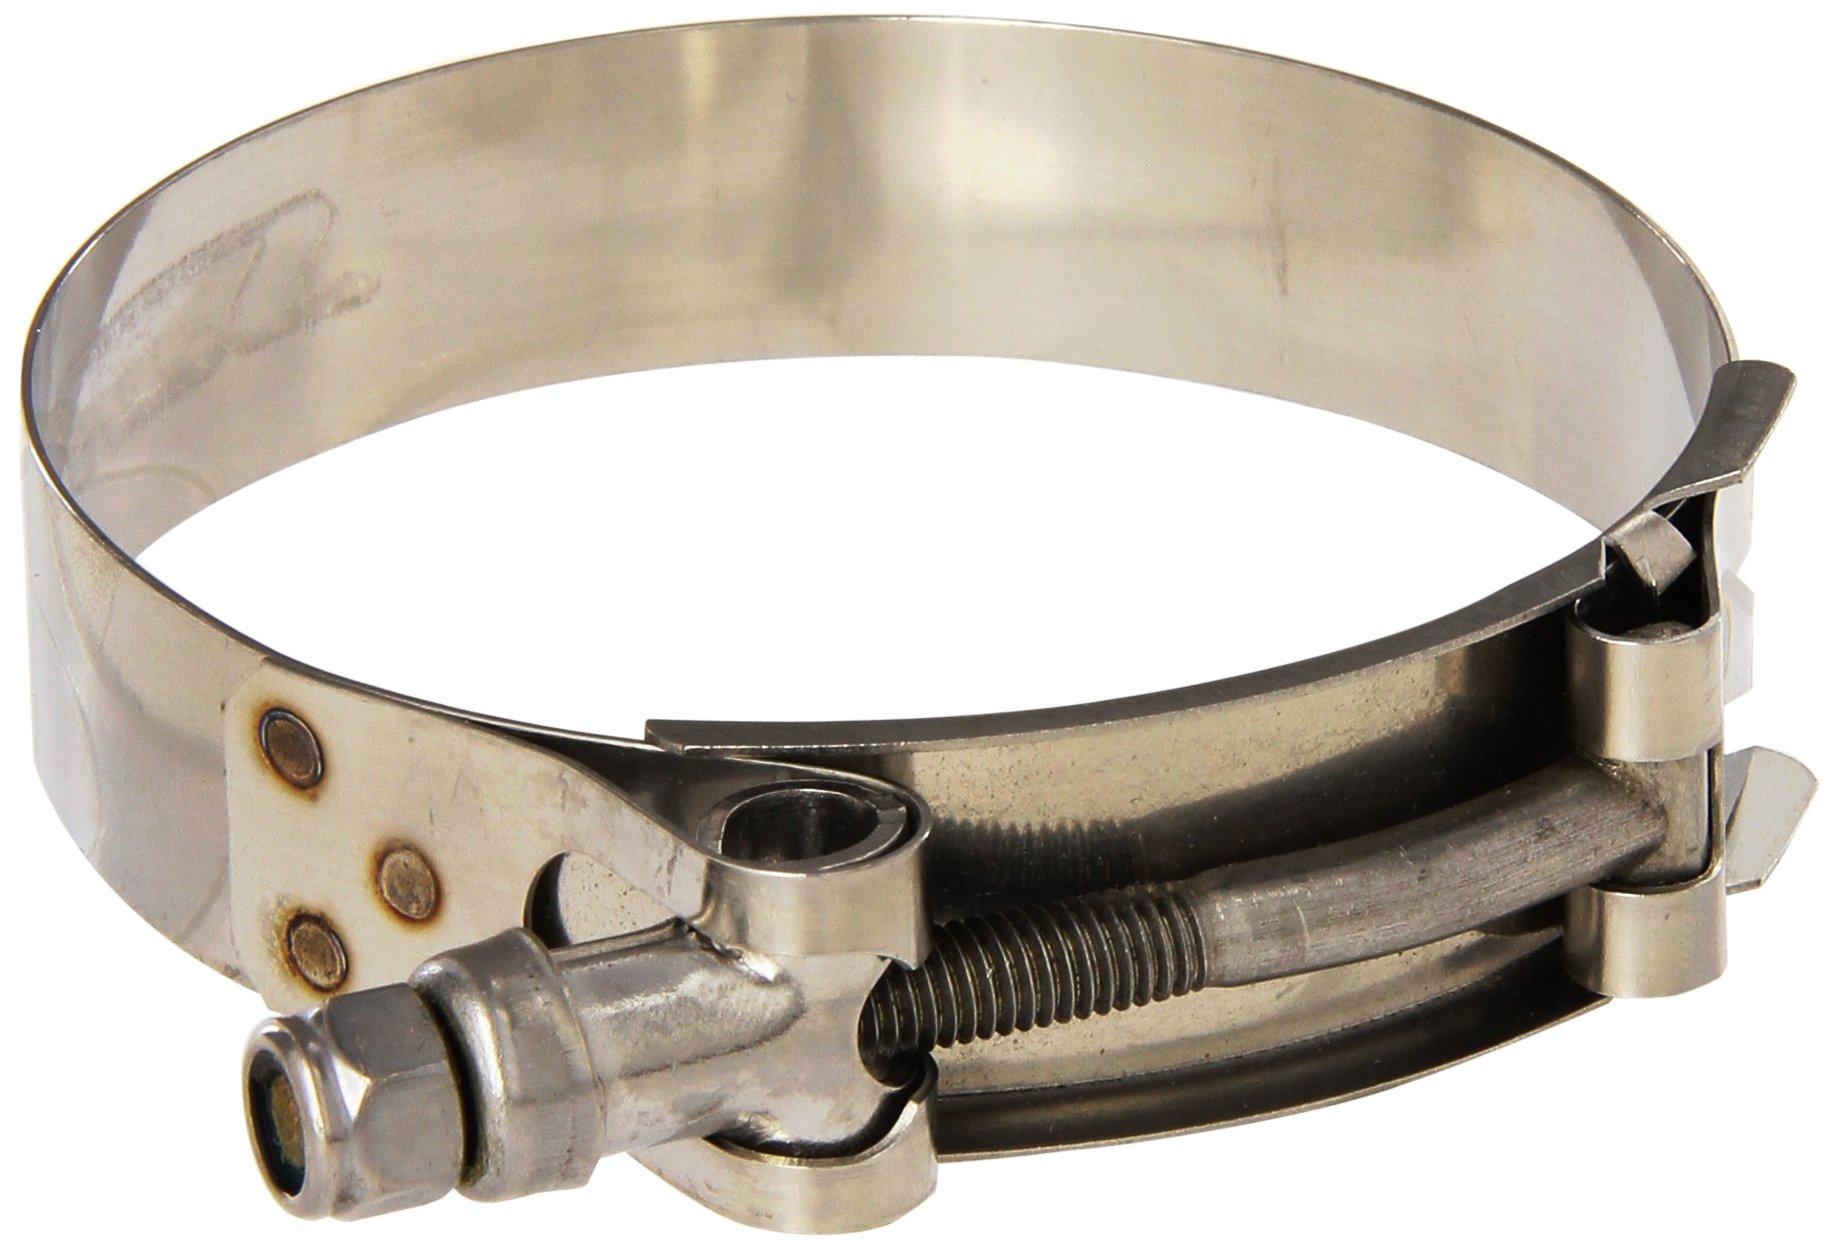 Hps t bolt clamps shower handle trim